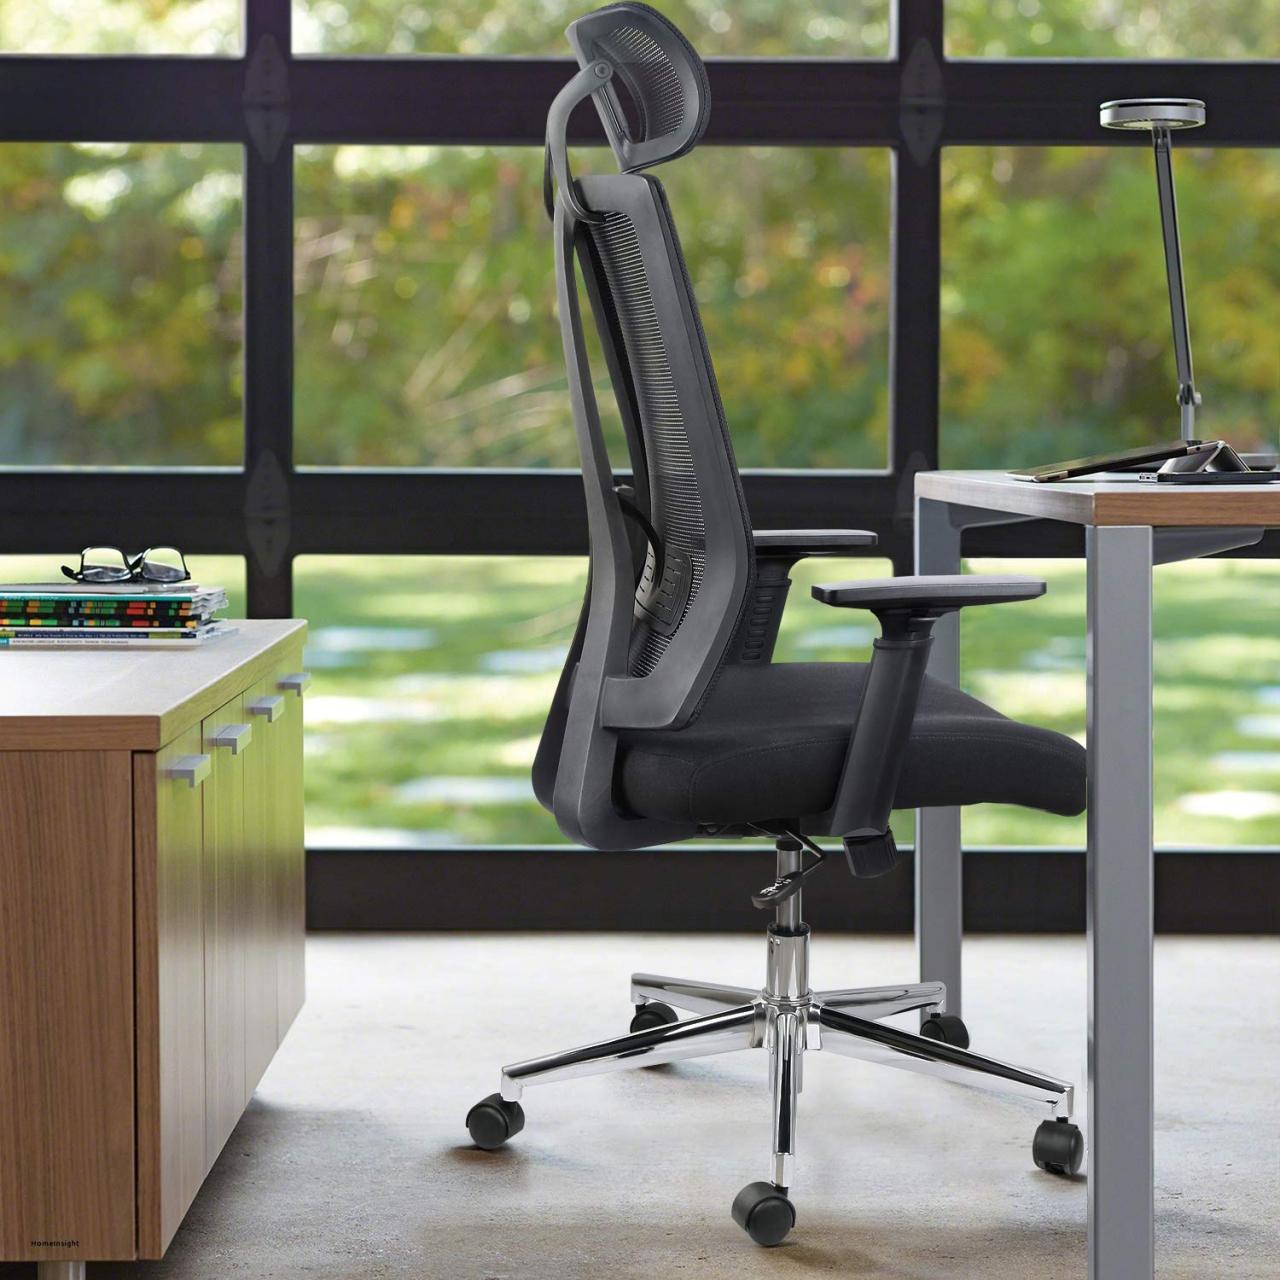 Comment choisir le meilleur fauteuil de bureau de soutien lombaire ?